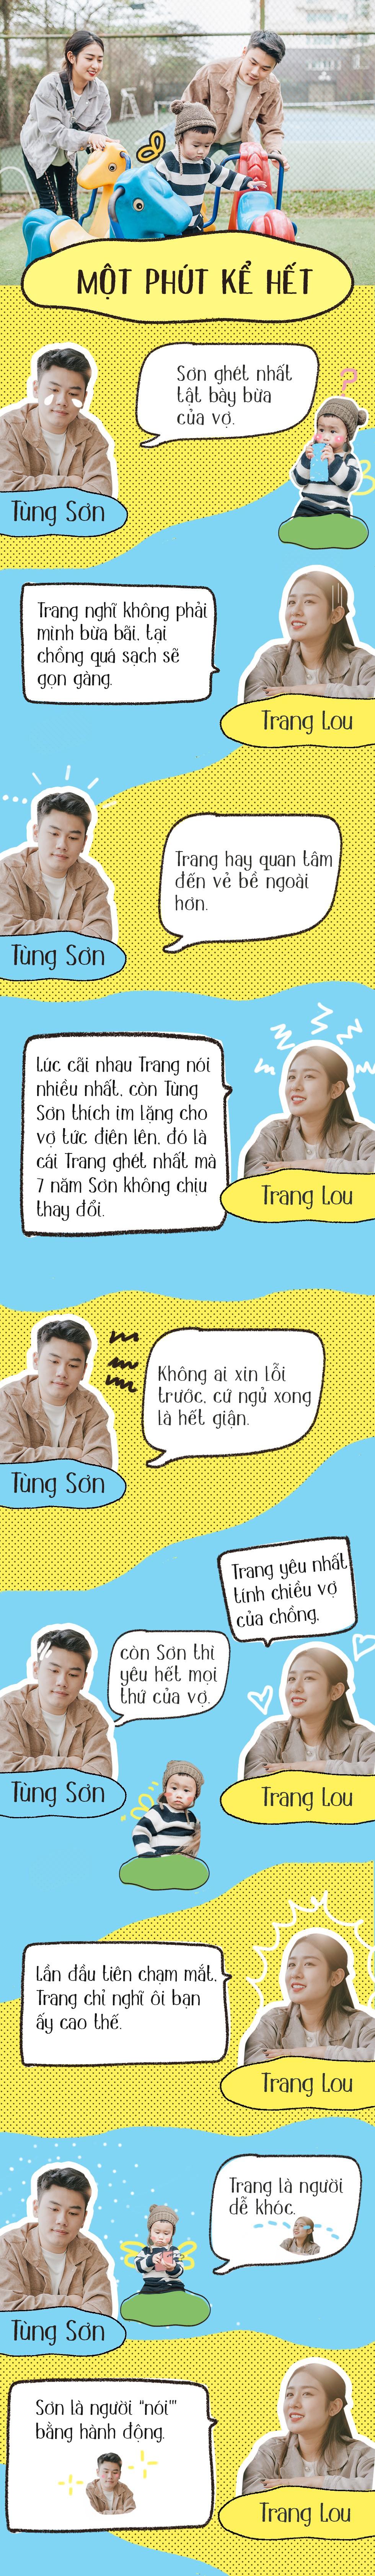 """Hot family Trang Lou & Tùng Sơn: Kết hôn sớm, chúng mình có thêm """"bạn đồng hành"""" nhí để đi khắp thế gian - Ảnh 10."""